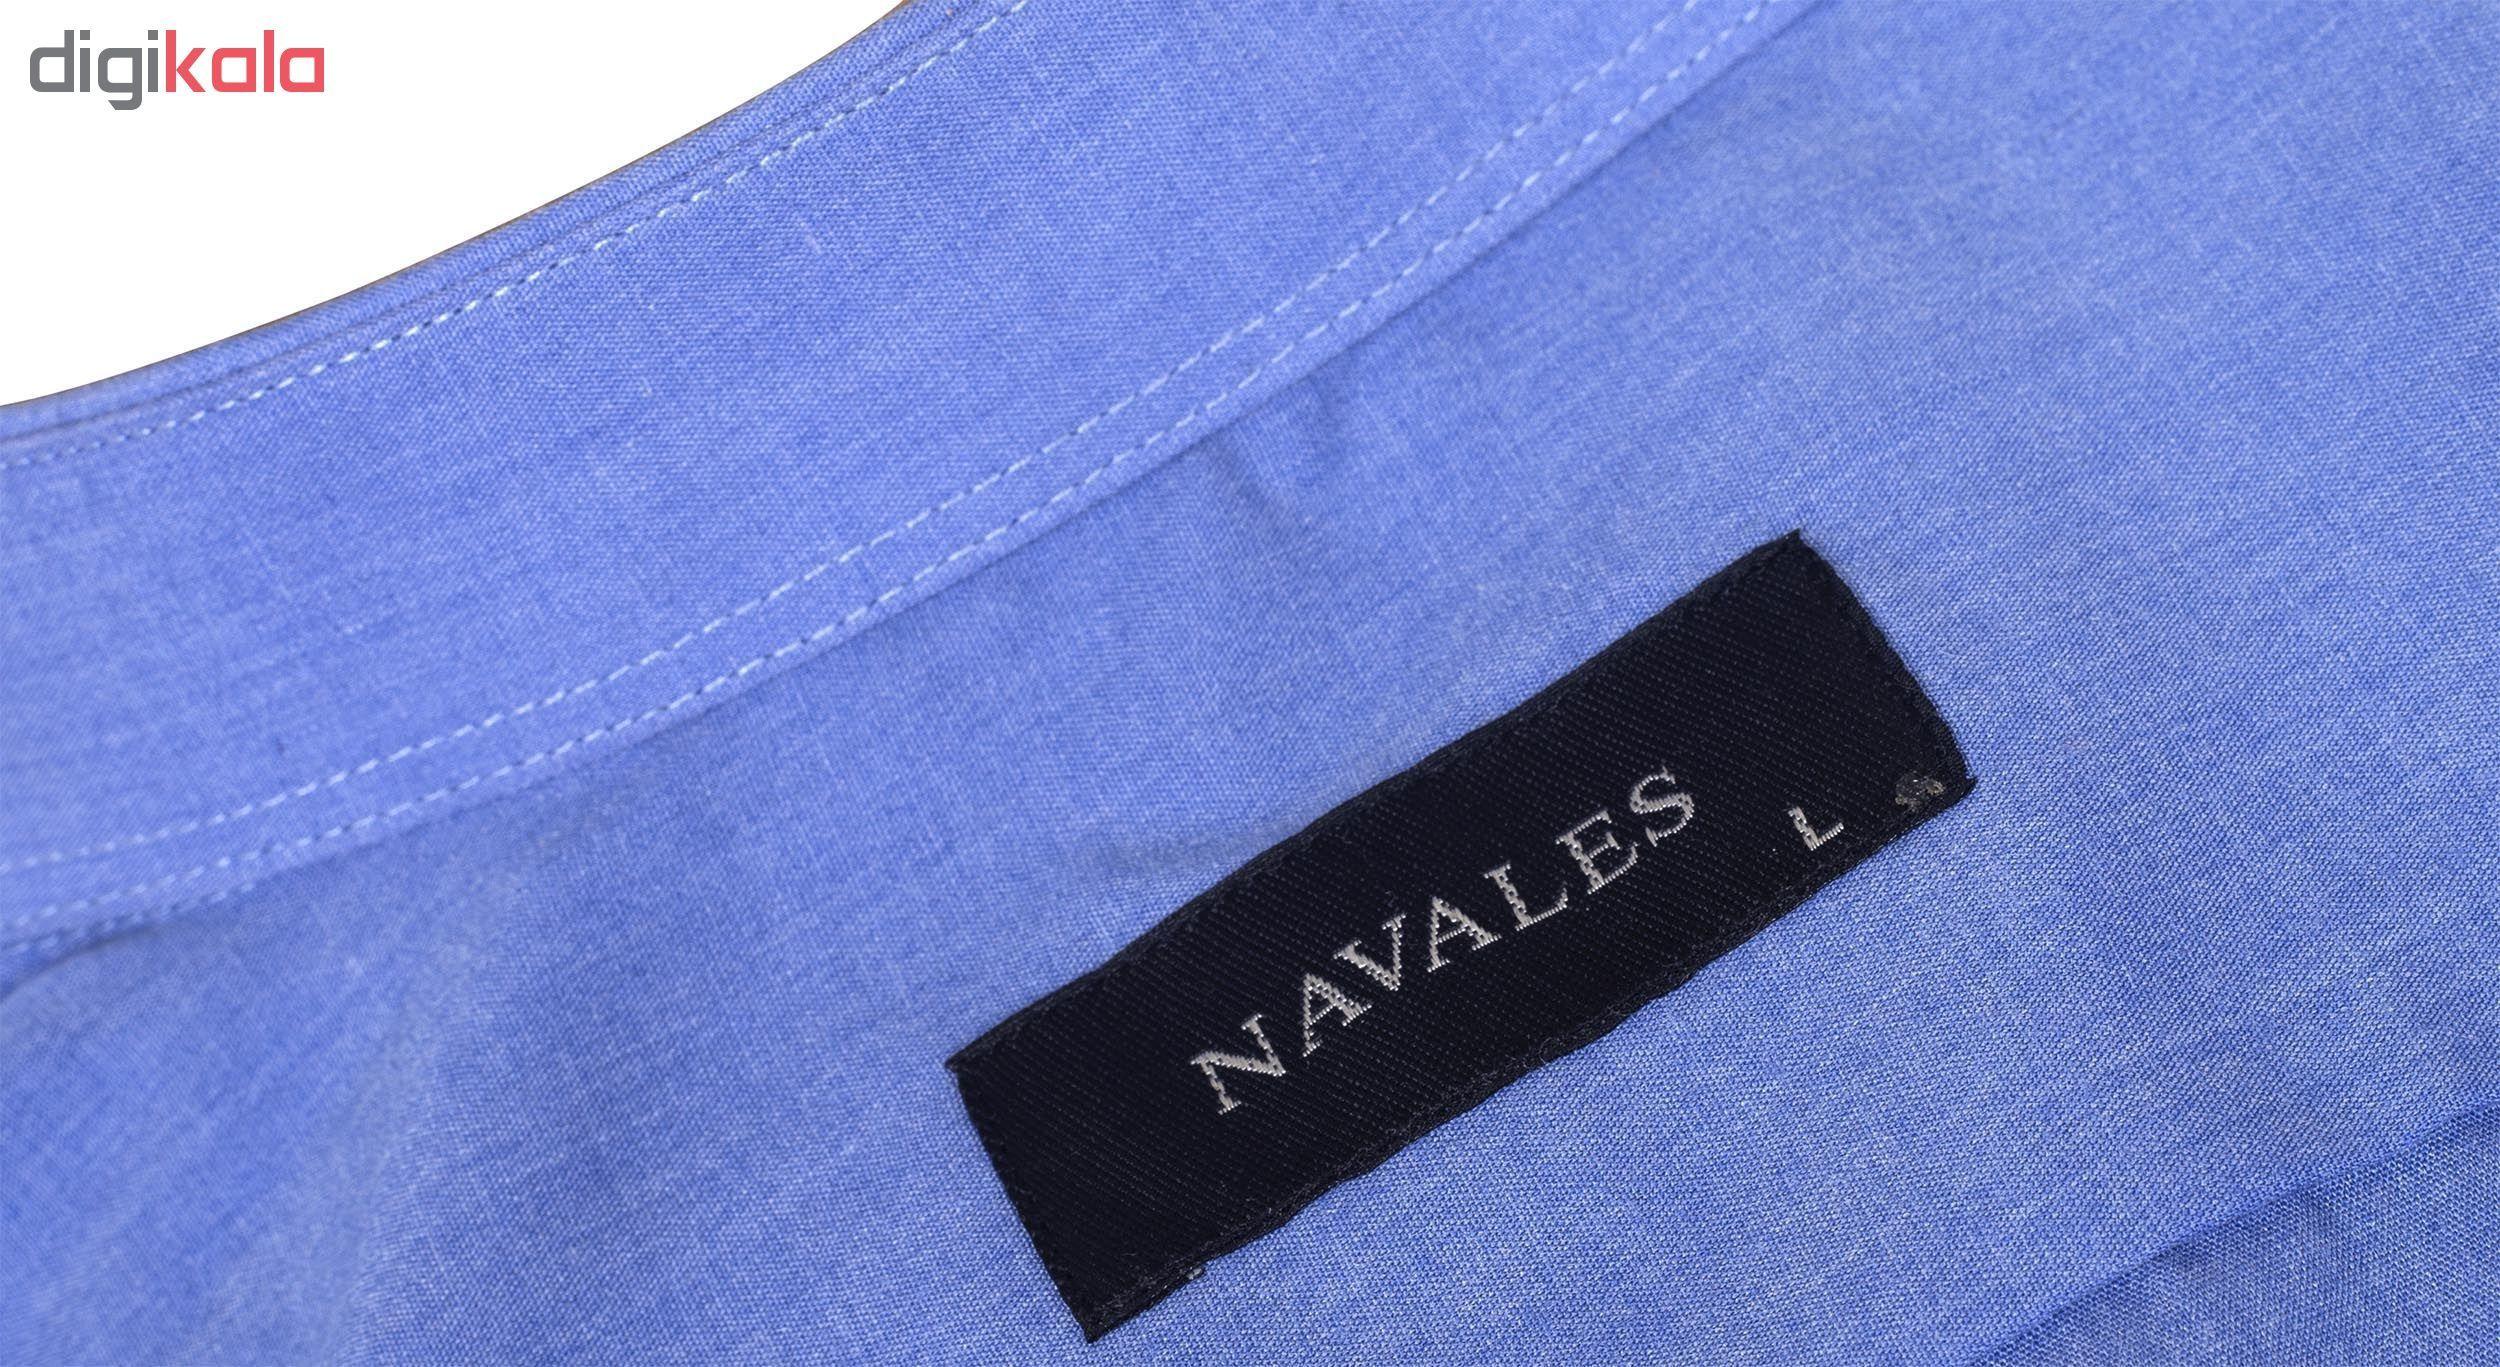 پیراهن مردانه ناوالس مدل regularfit2019_bu main 1 4